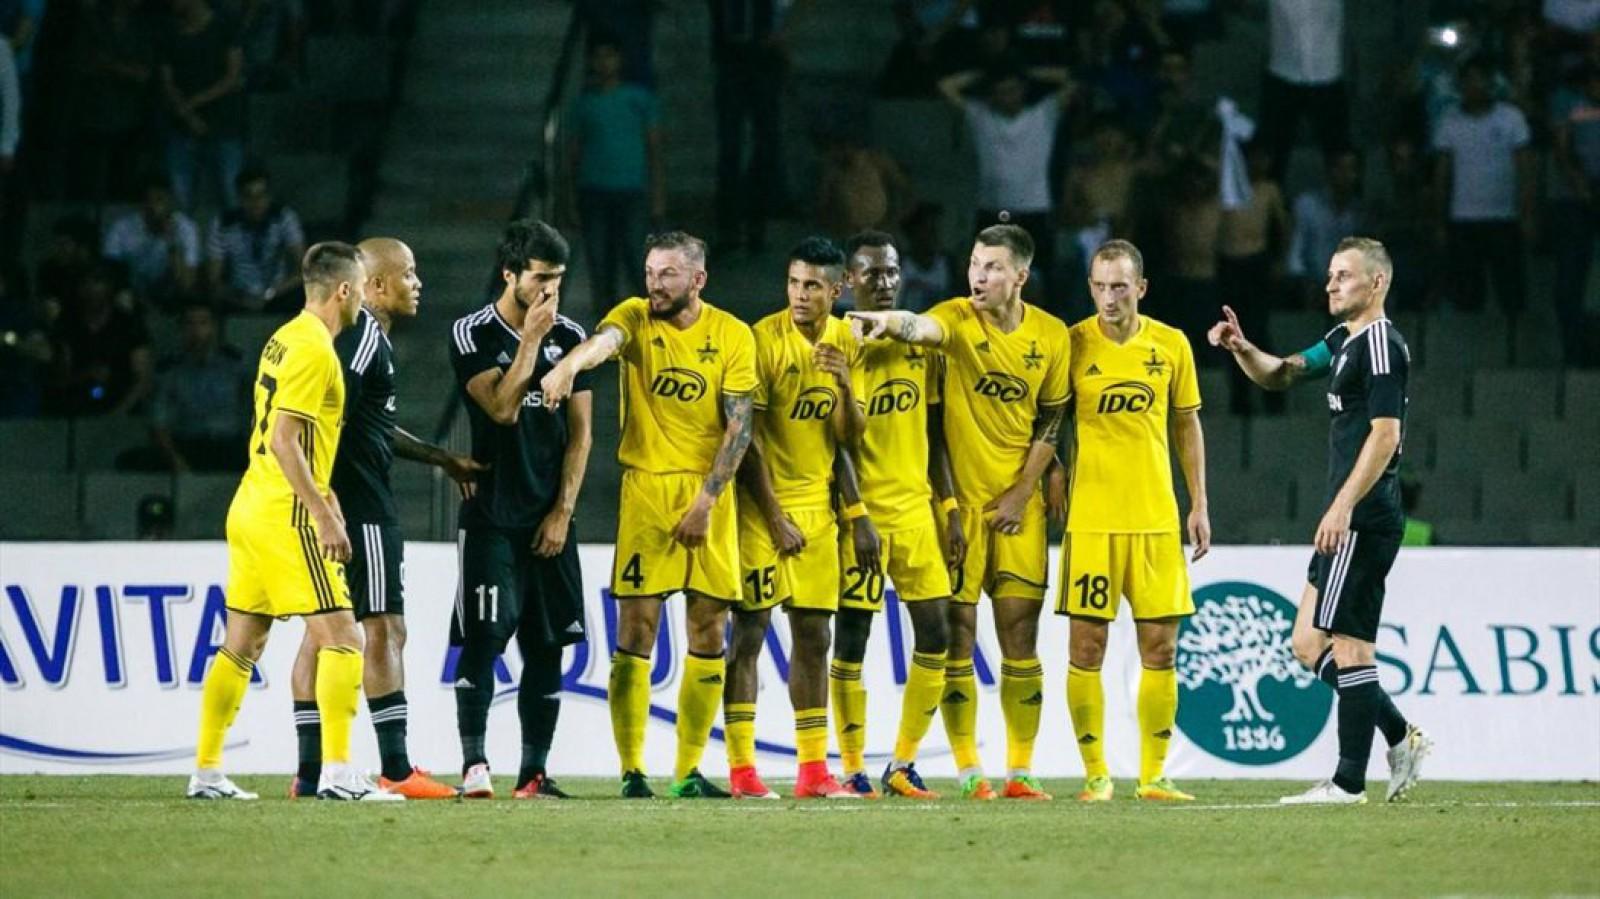 Ghinion pentru Sheriff Tiraspol la tragerea la sorți! Campioana Moldovei și-a aflat adversara din play-off-ul Europa League